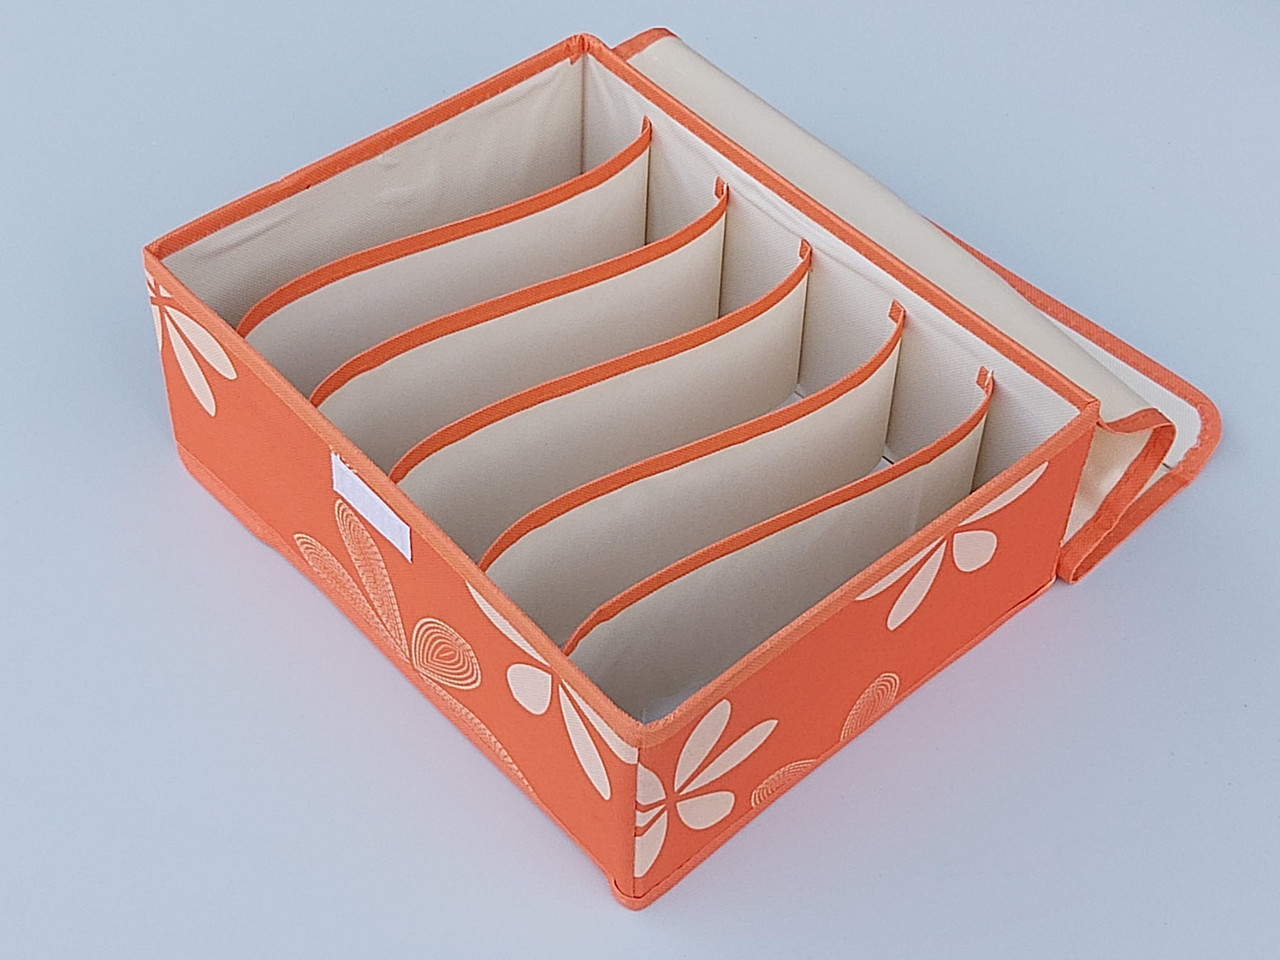 Органайзер с крышкой 31*24*12 см, на 6 отделений, для хранения мелких предметов одежды оранжевого цвета